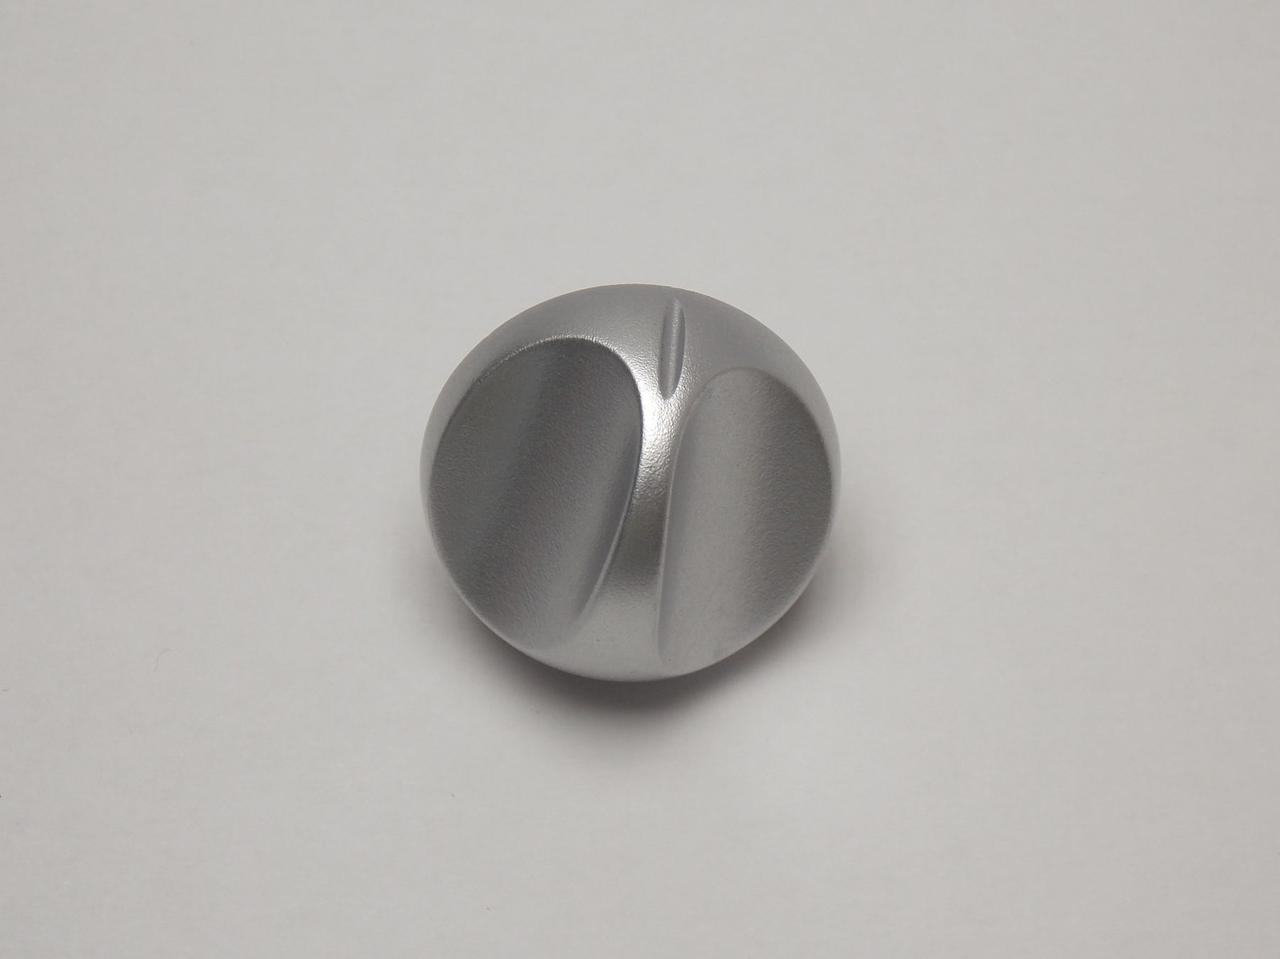 Ручка управління газового котла Immergas Victrix 24 kw. 1.019279